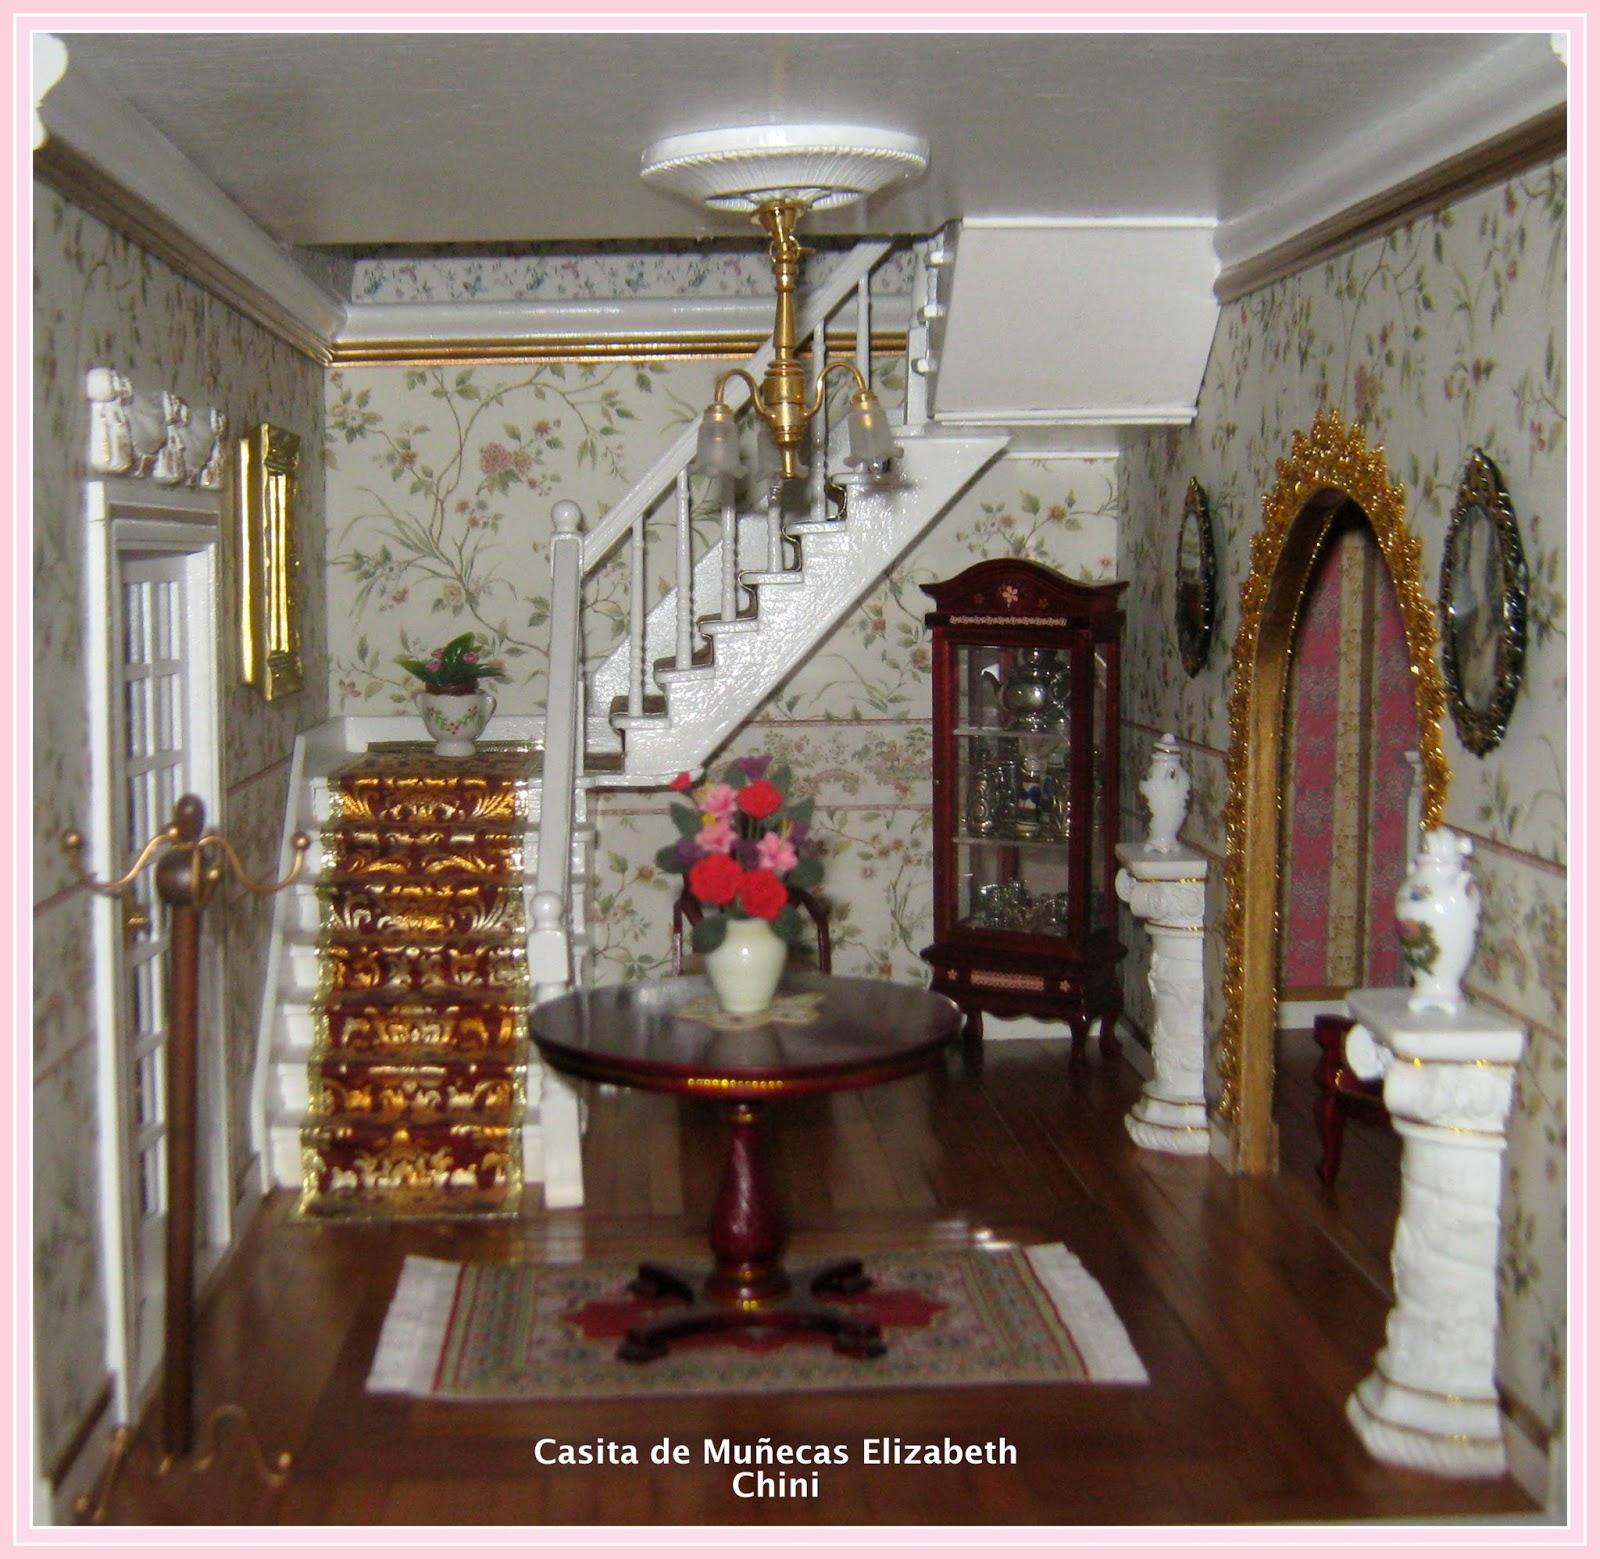 Casita de mu ecas de elizabeth decoracion hall principal - Decoracion de casas de munecas ...